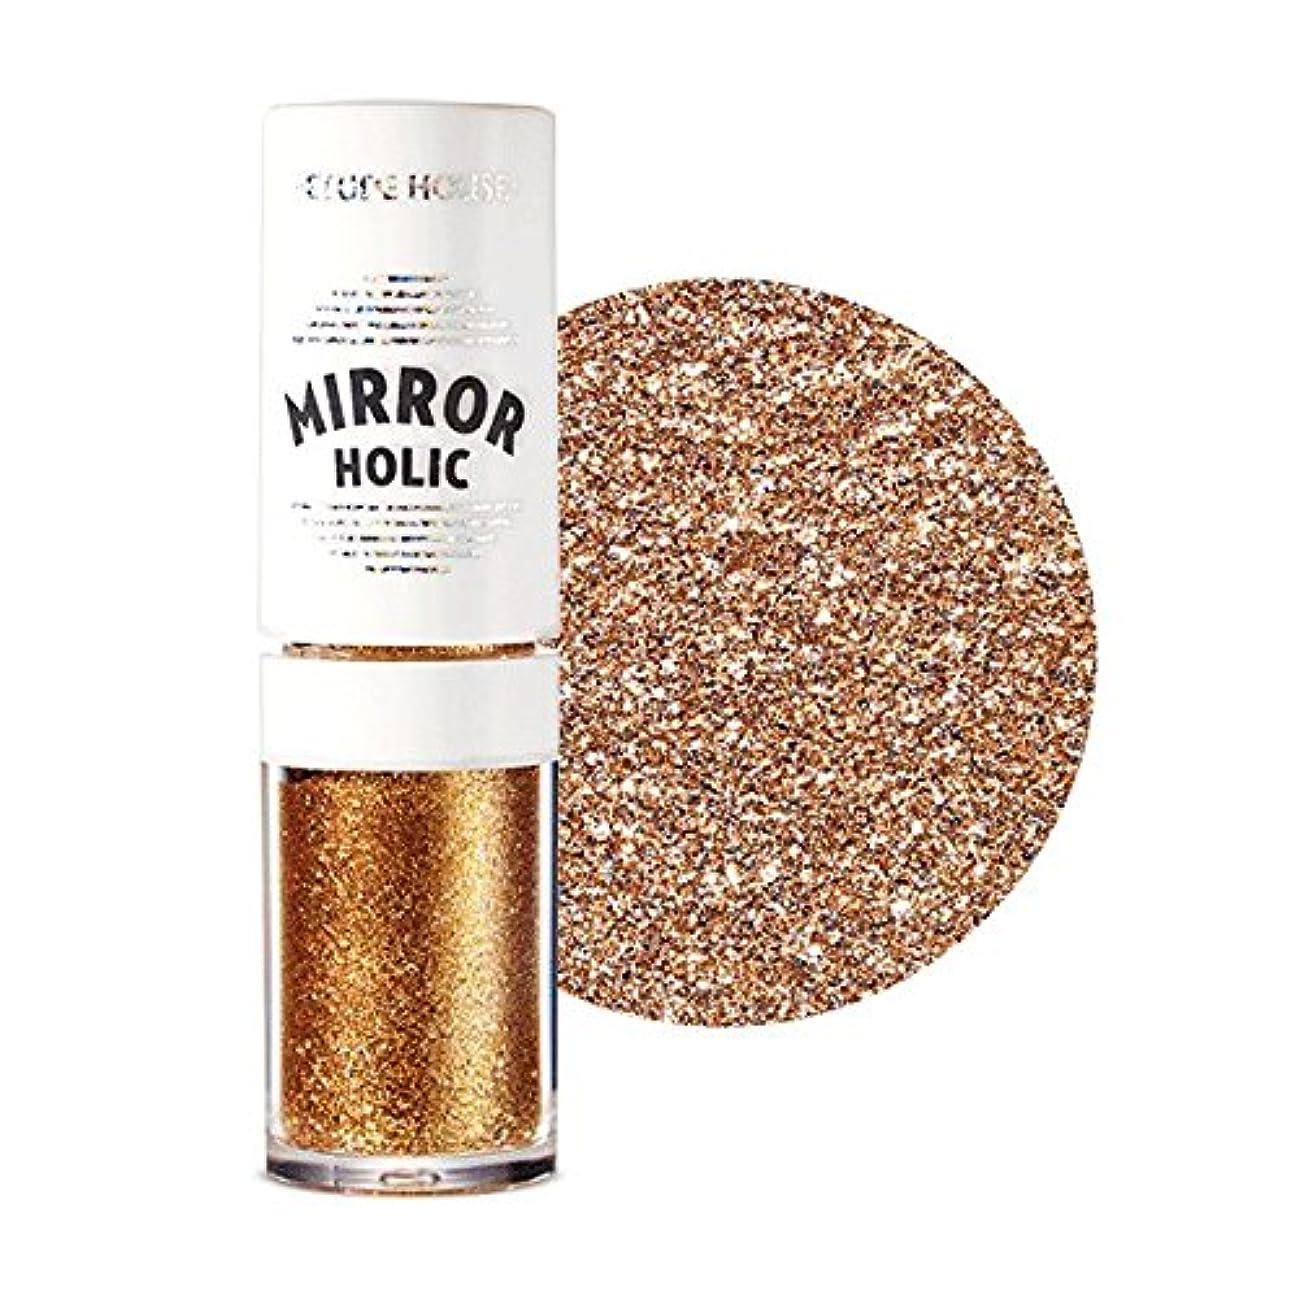 気まぐれな担保委任するETUDE HOUSE Mirror Holic Liquid Eyes / エチュードハウス ミラーホリックリキッドアイズ ミラーホリックリキッドアイズ (BE102) [並行輸入品]